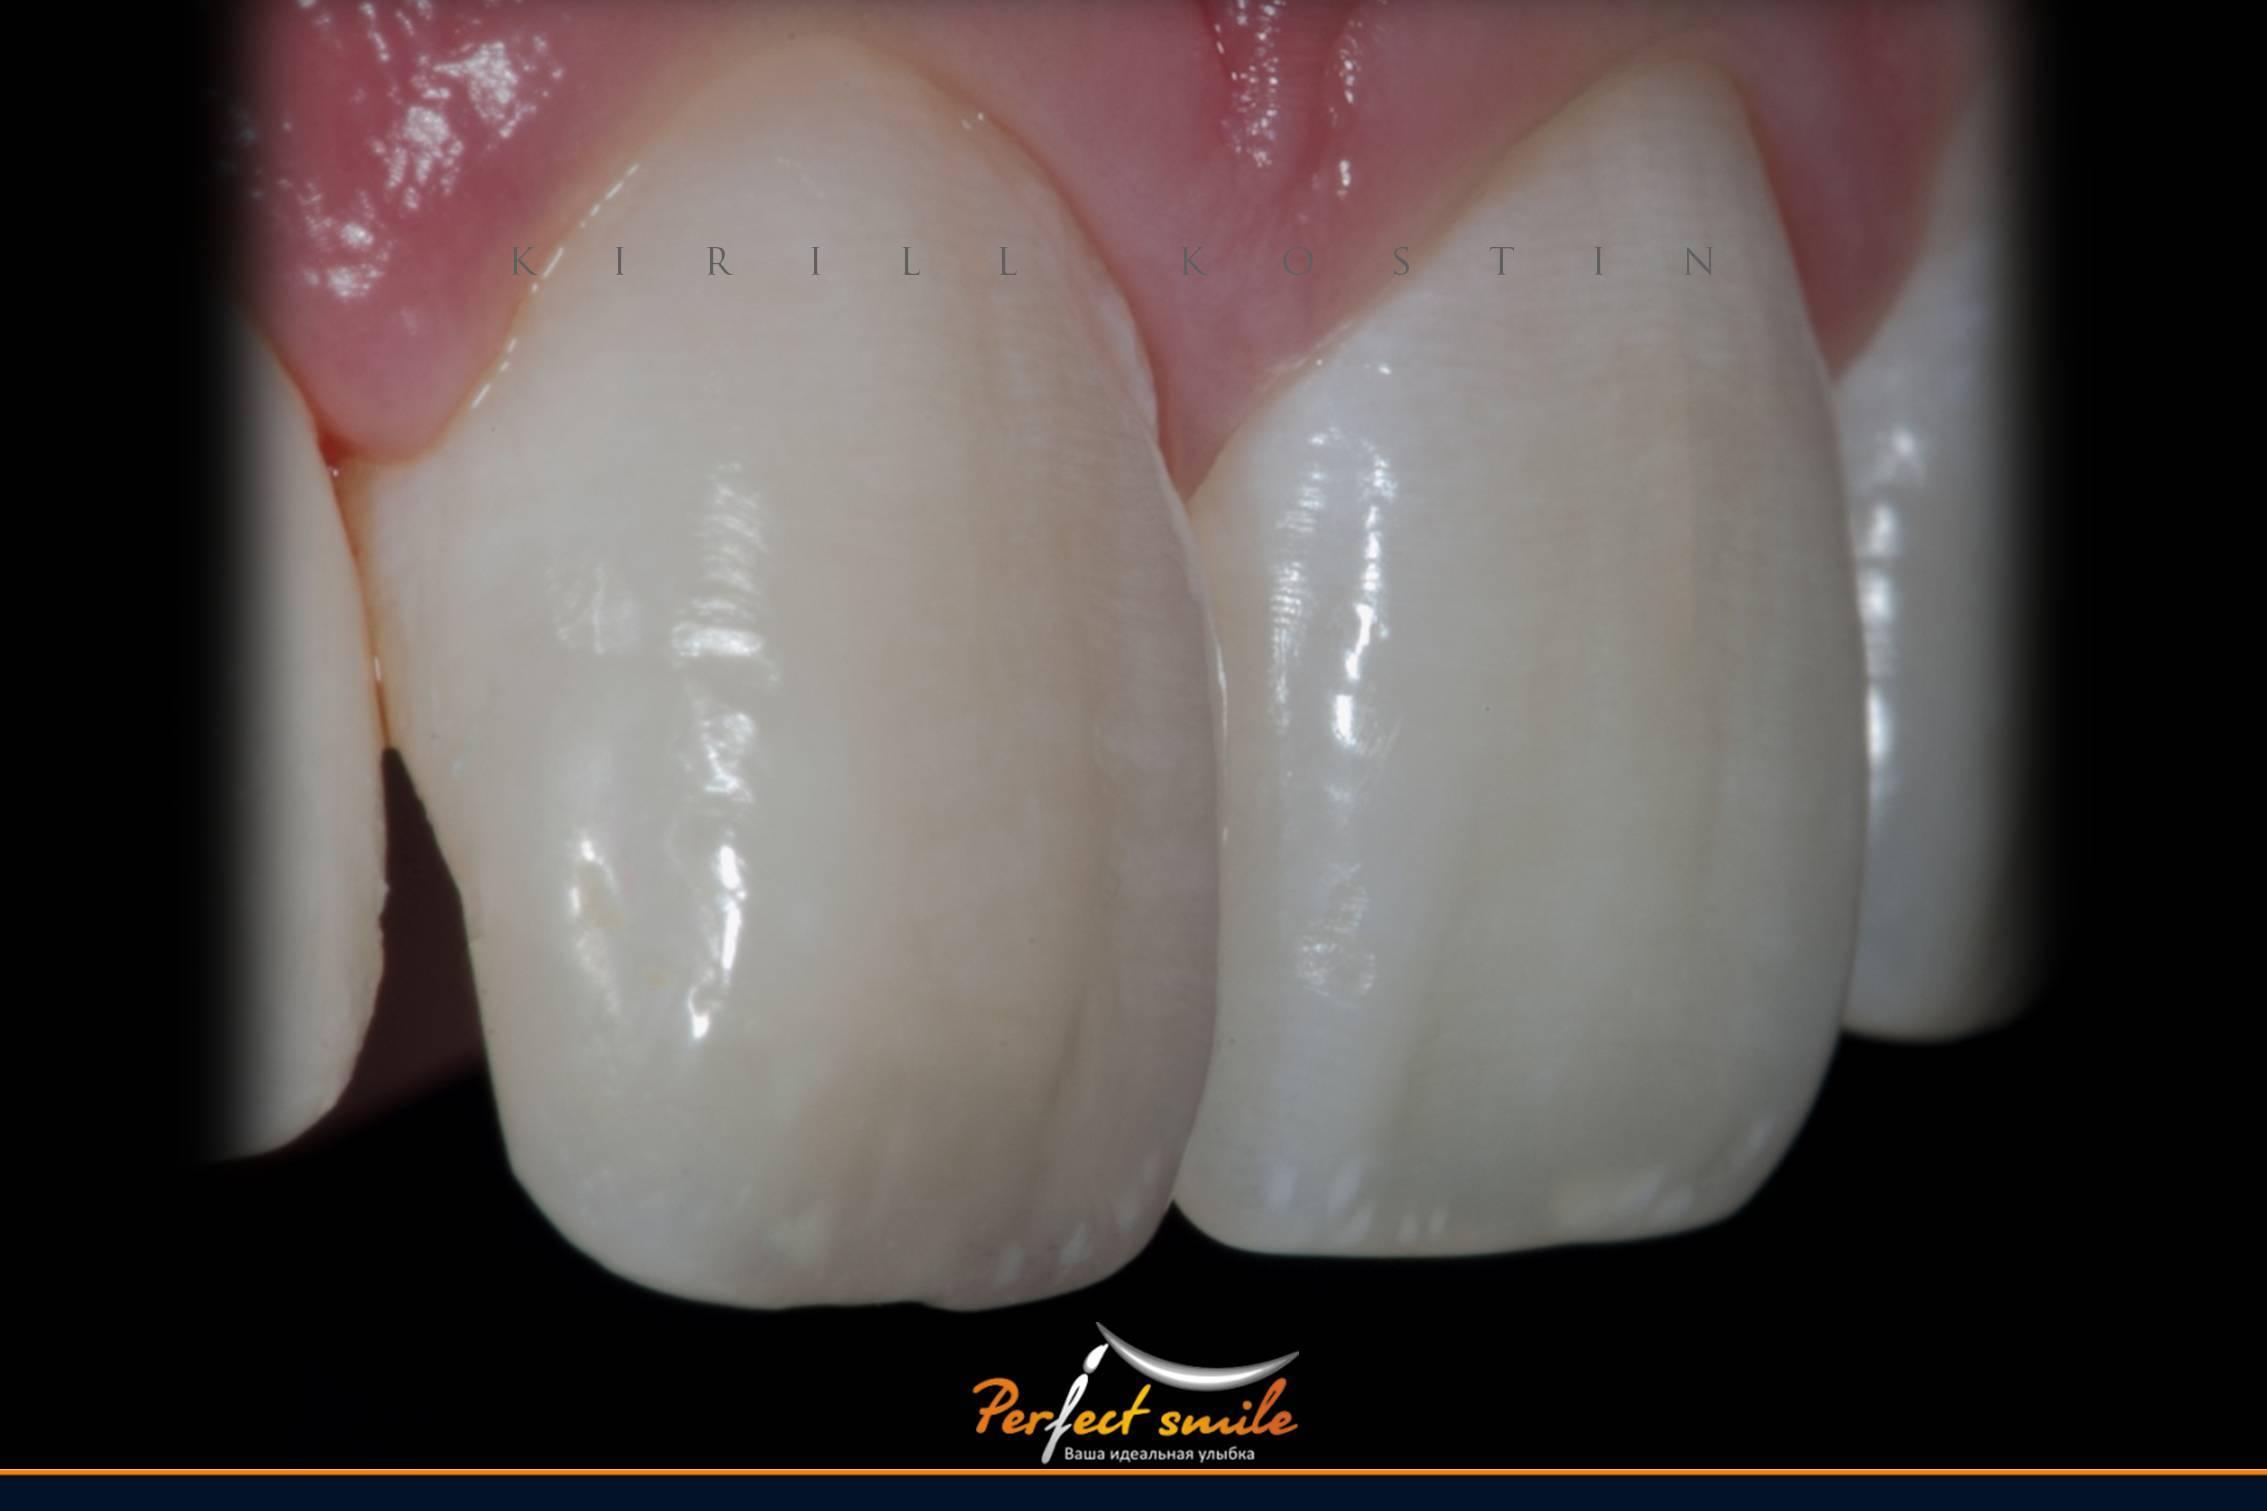 Приметы и суеверия, связанные с зубами. народная примета «зубы что делать с удаленным зубом приметы